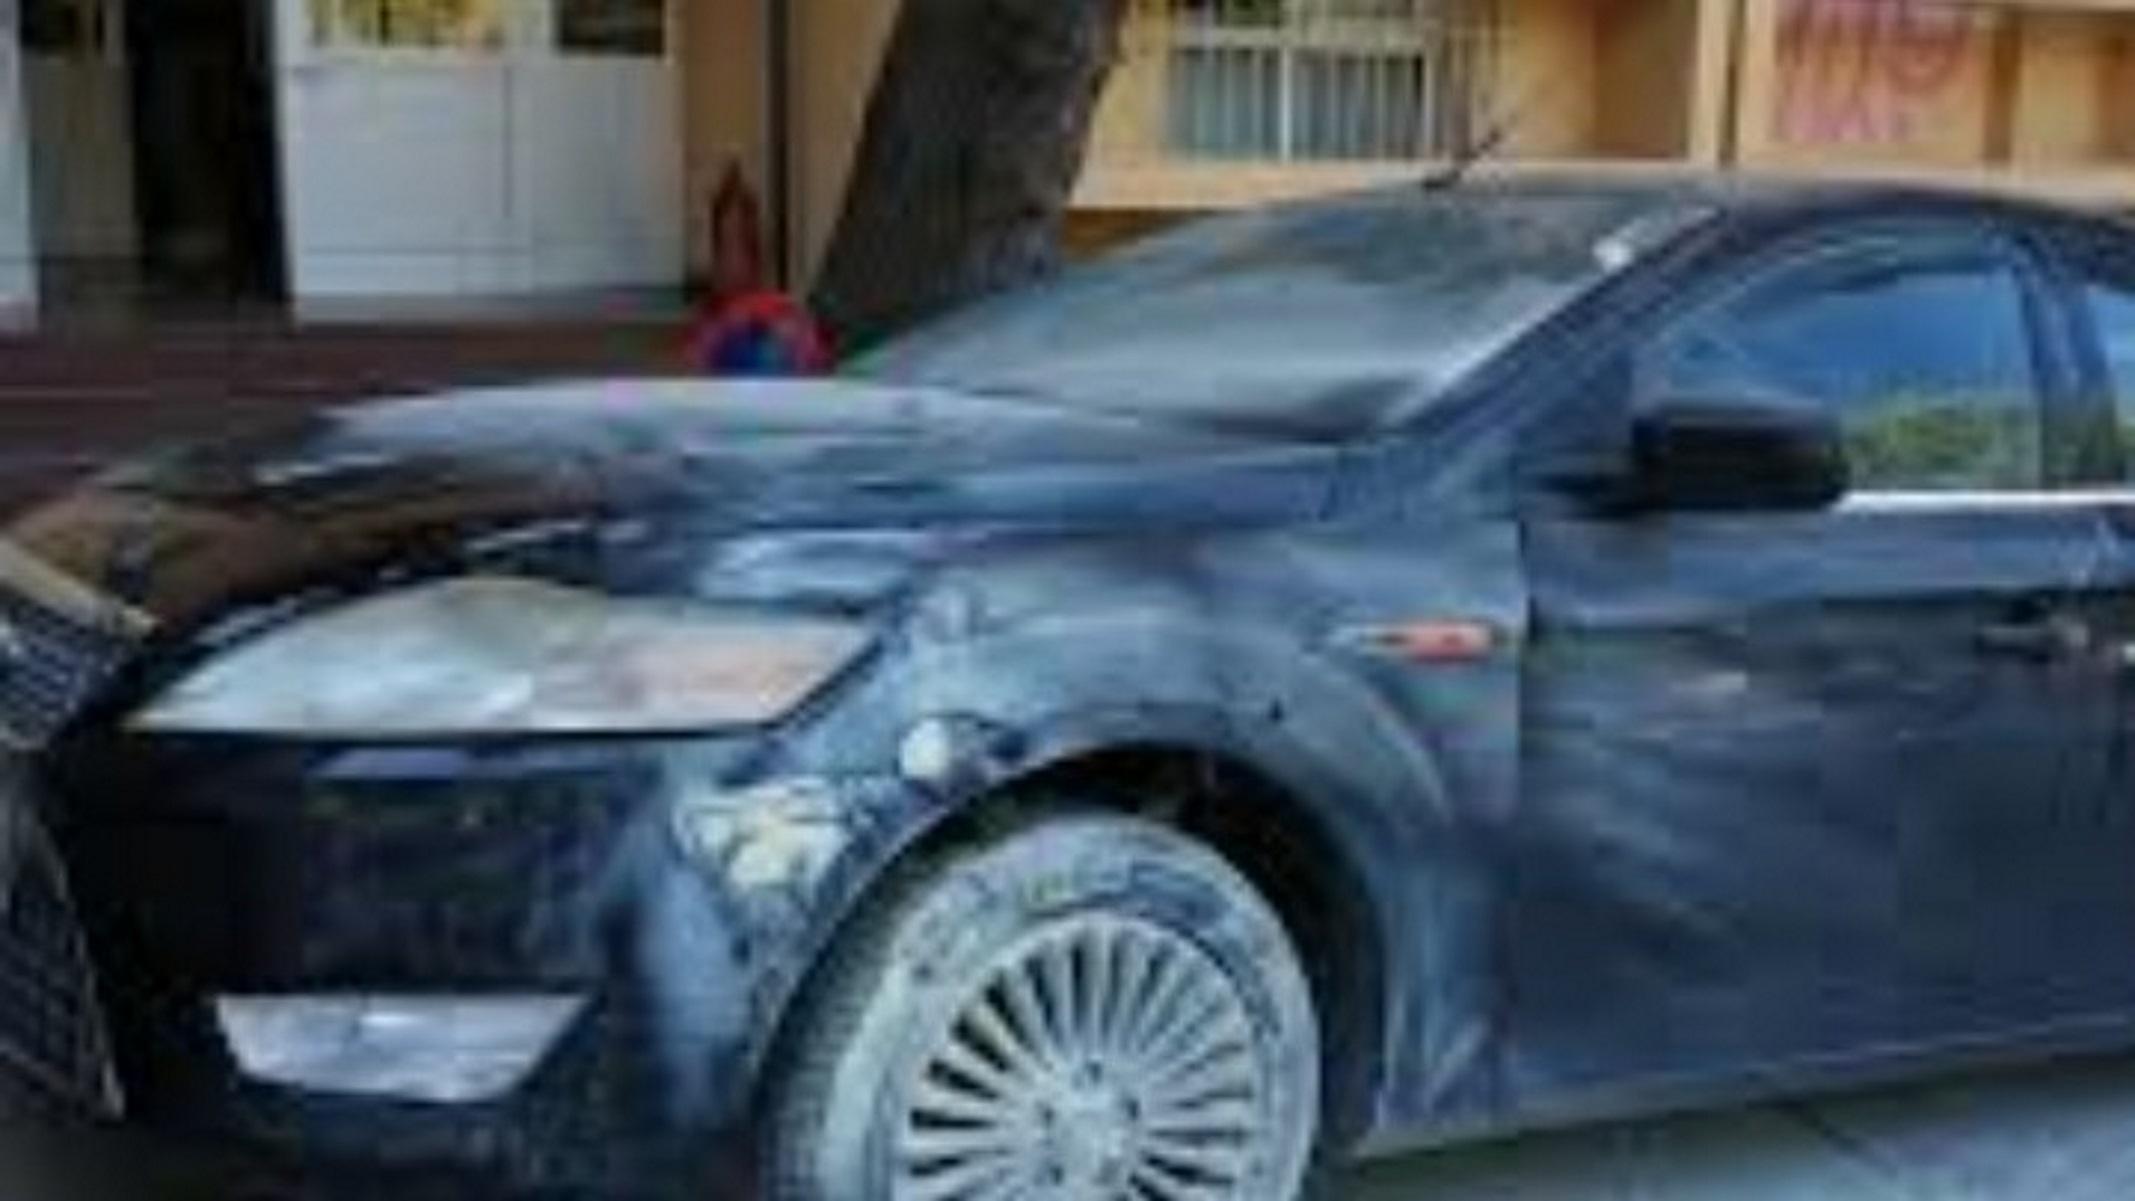 Πάτρα: Πρωτοφανές μπαράζ εμπρηστικών επιθέσεων σε αυτοκίνητα